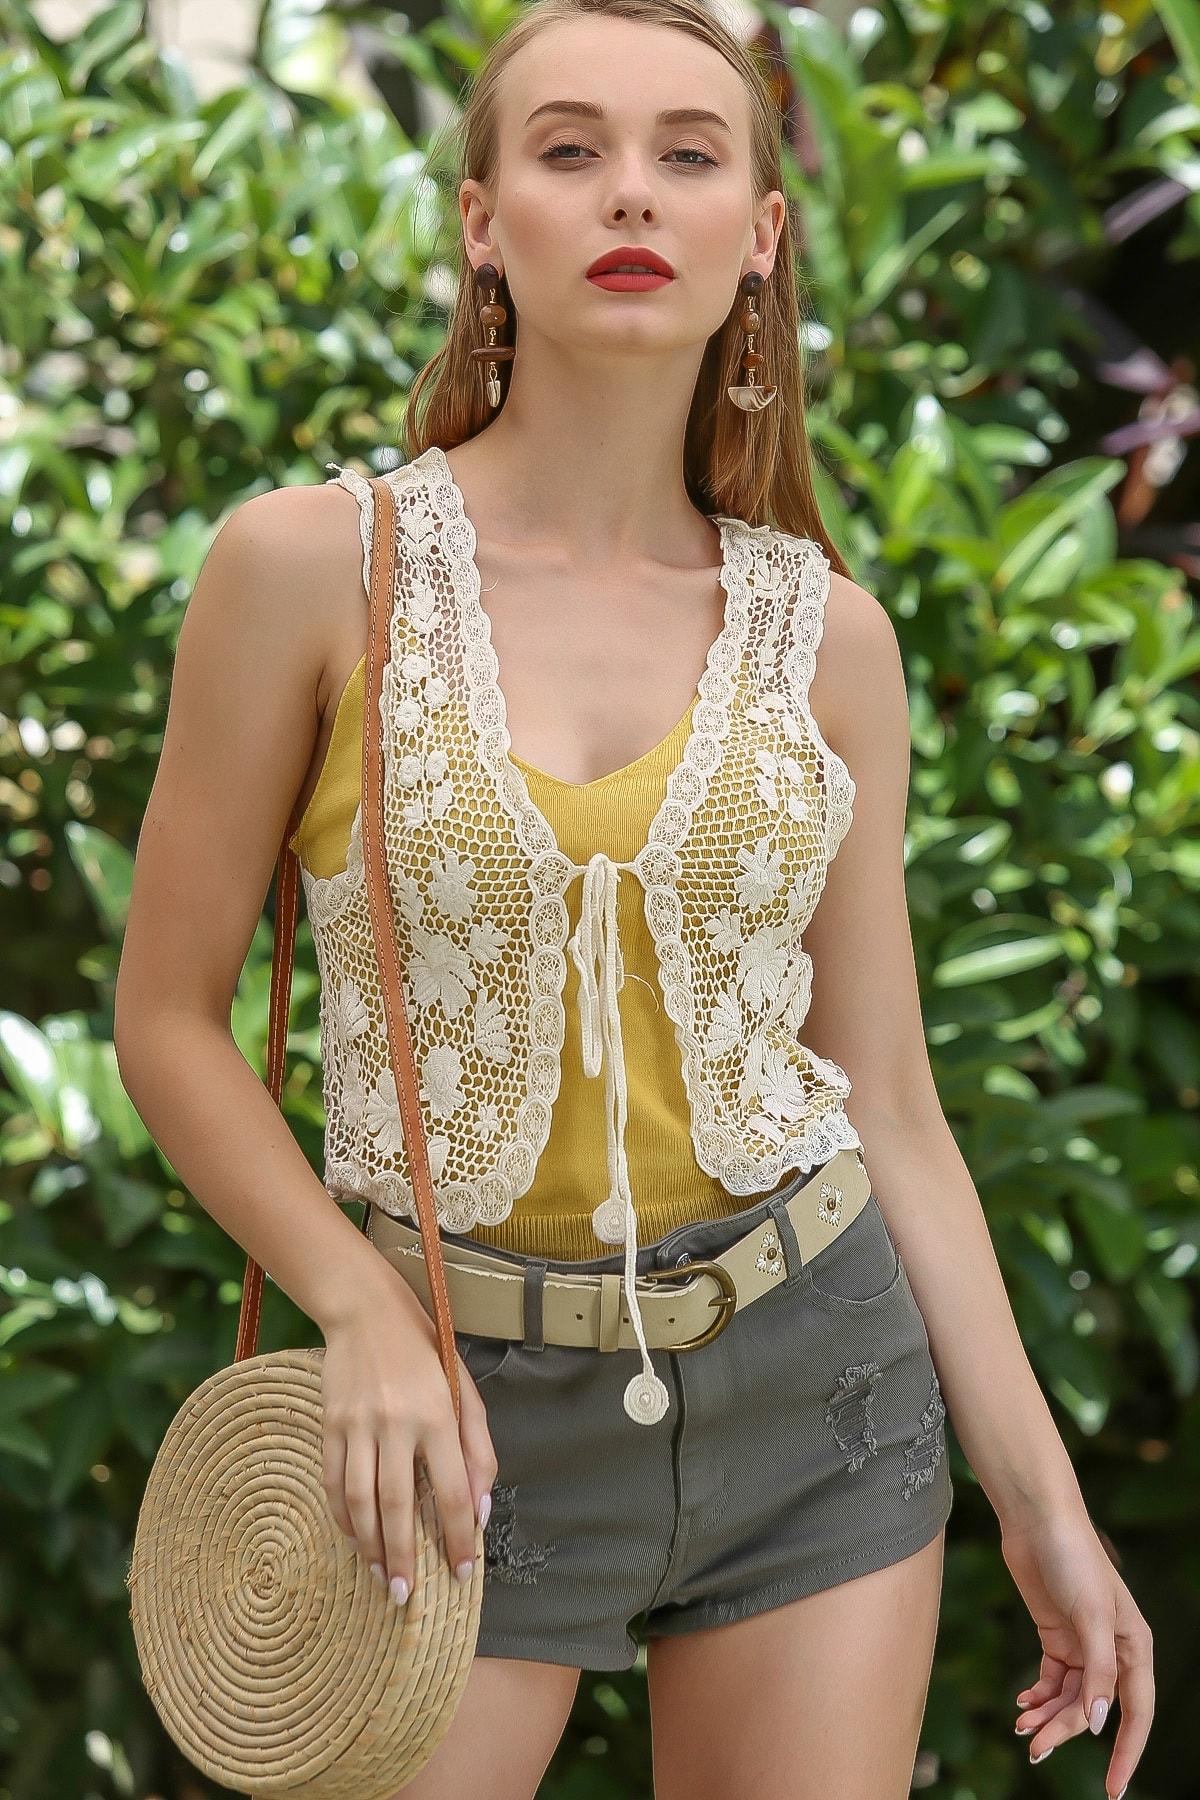 Chiccy Kadın Taş Vintage Tığ Işi Görünümlü Bağlama Detaylı Papatya Desenli Yelek M10010600YL99858